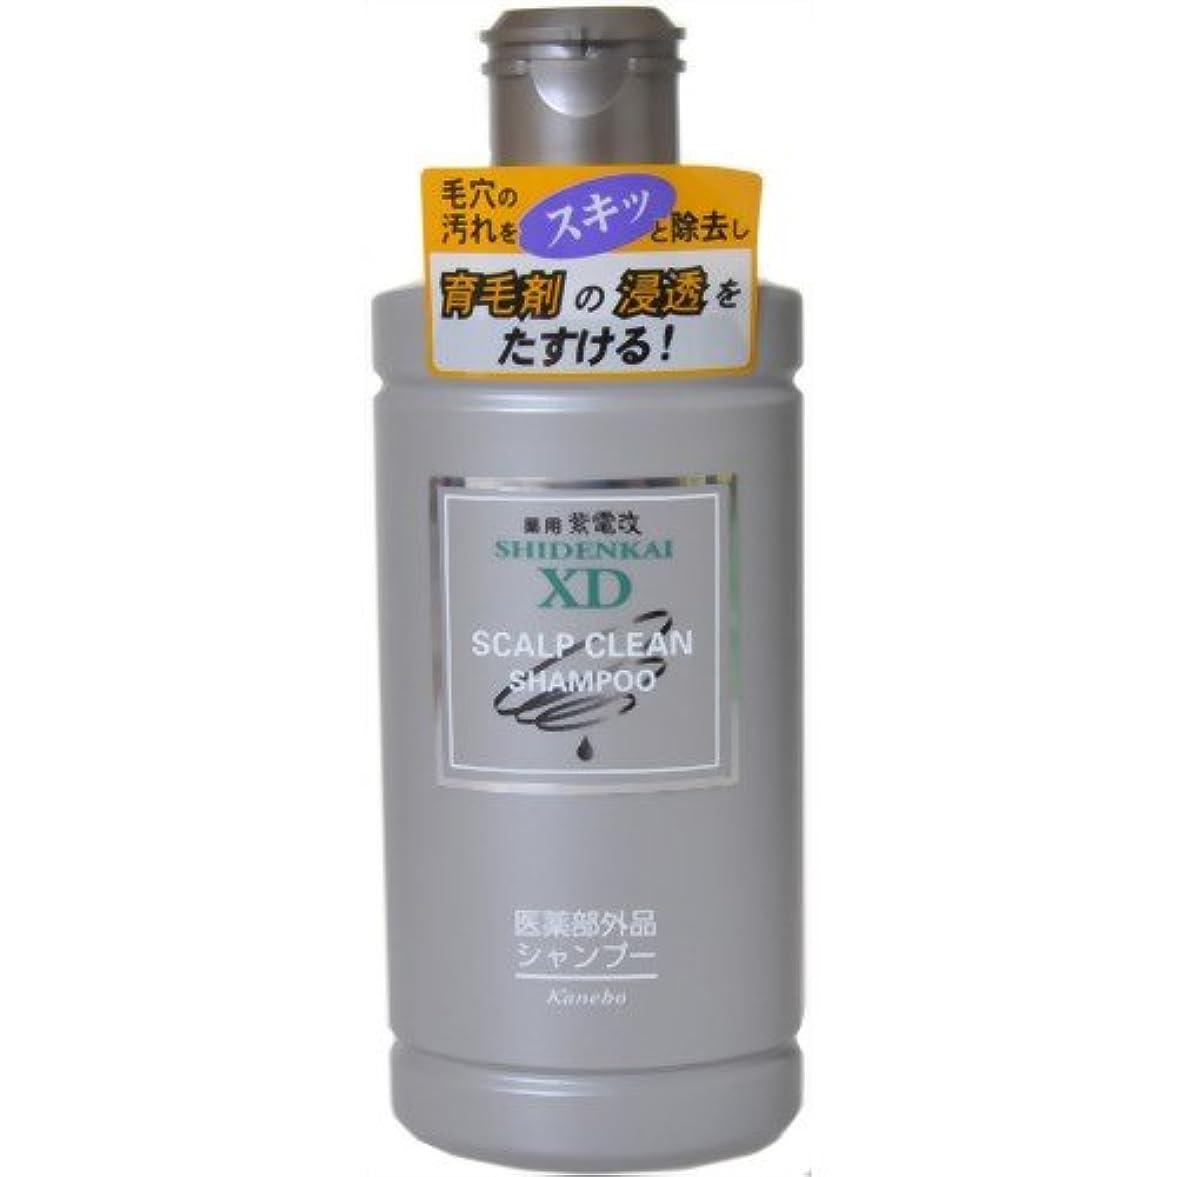 勃起朝ご意見カネボウ 薬用紫電改X.Dシャンプー 250ml